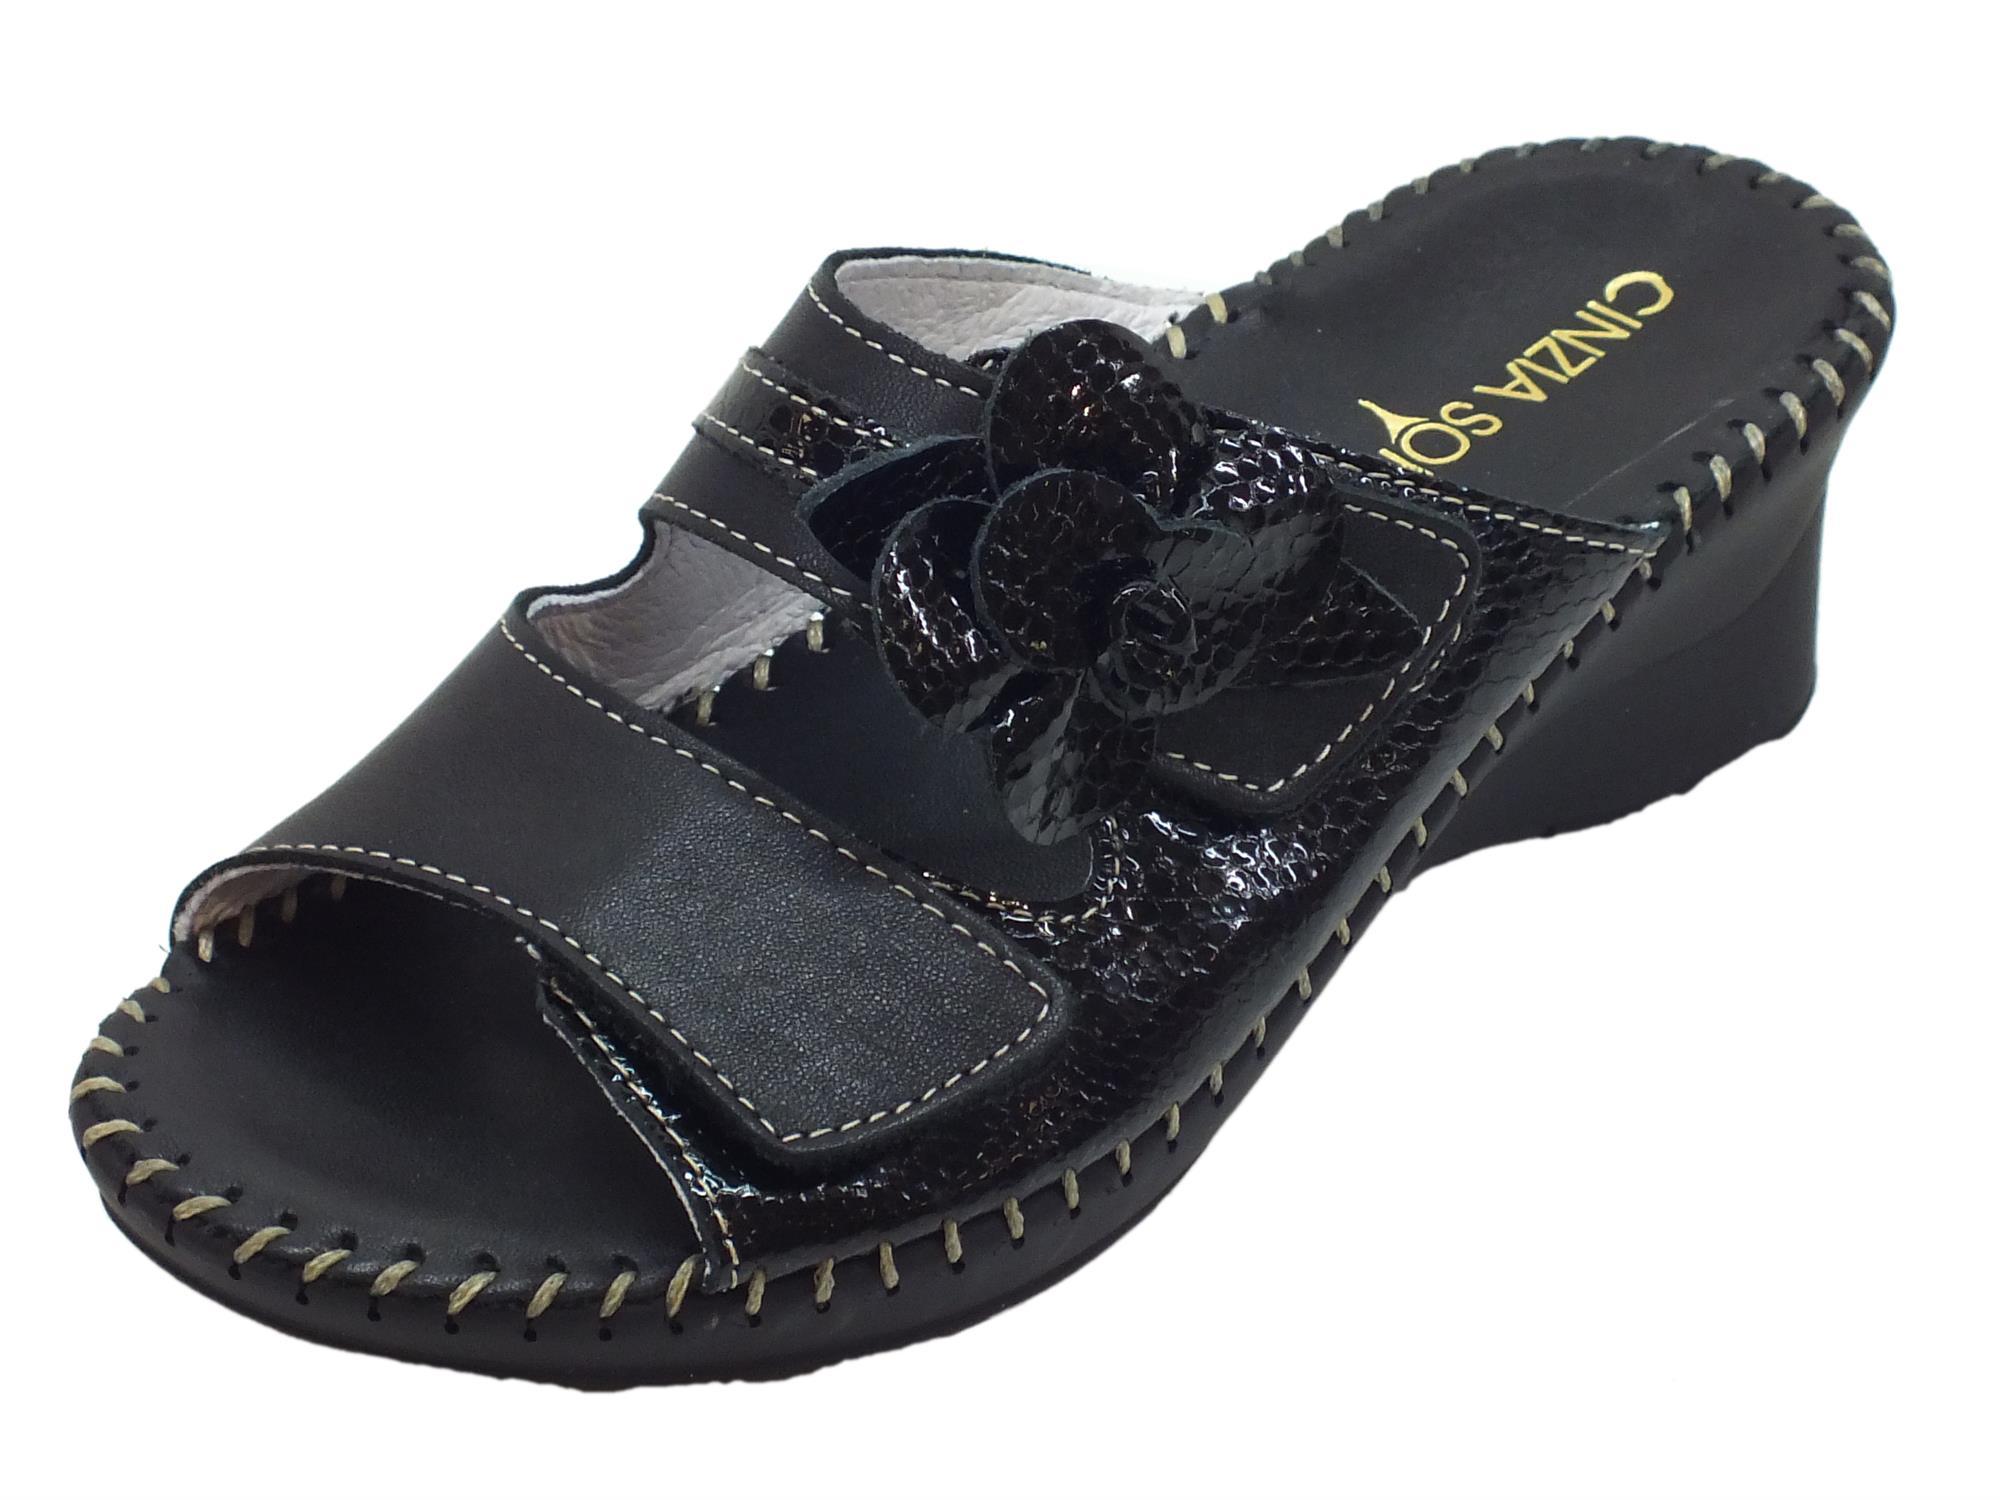 Ciabatte Cinzia Soft pelle pelle Soft vernice nera doppia regolazione   f74307